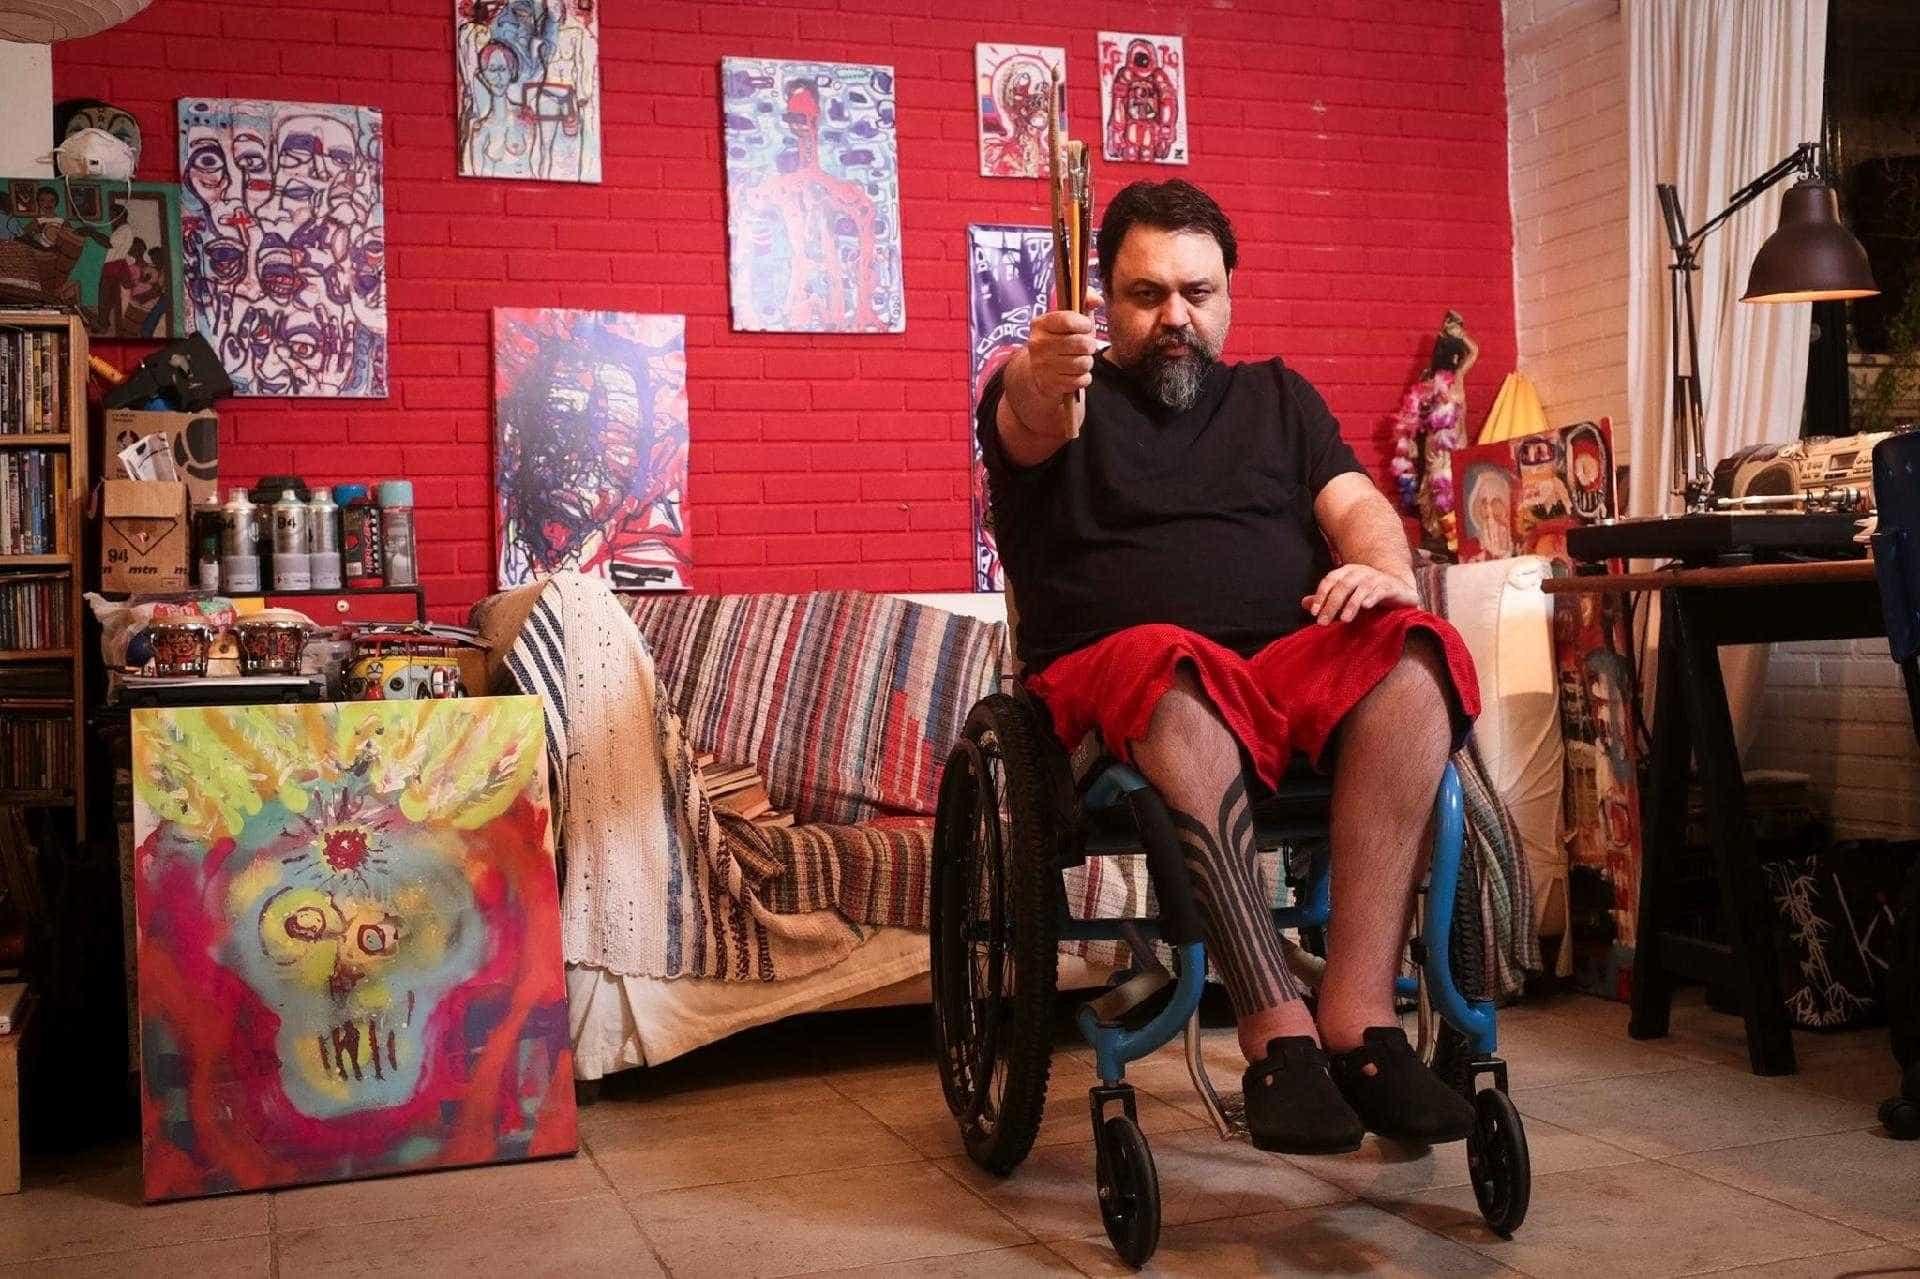 Morre Marcelo Yuka, fundador da banda O Rappa, aos 53 anos